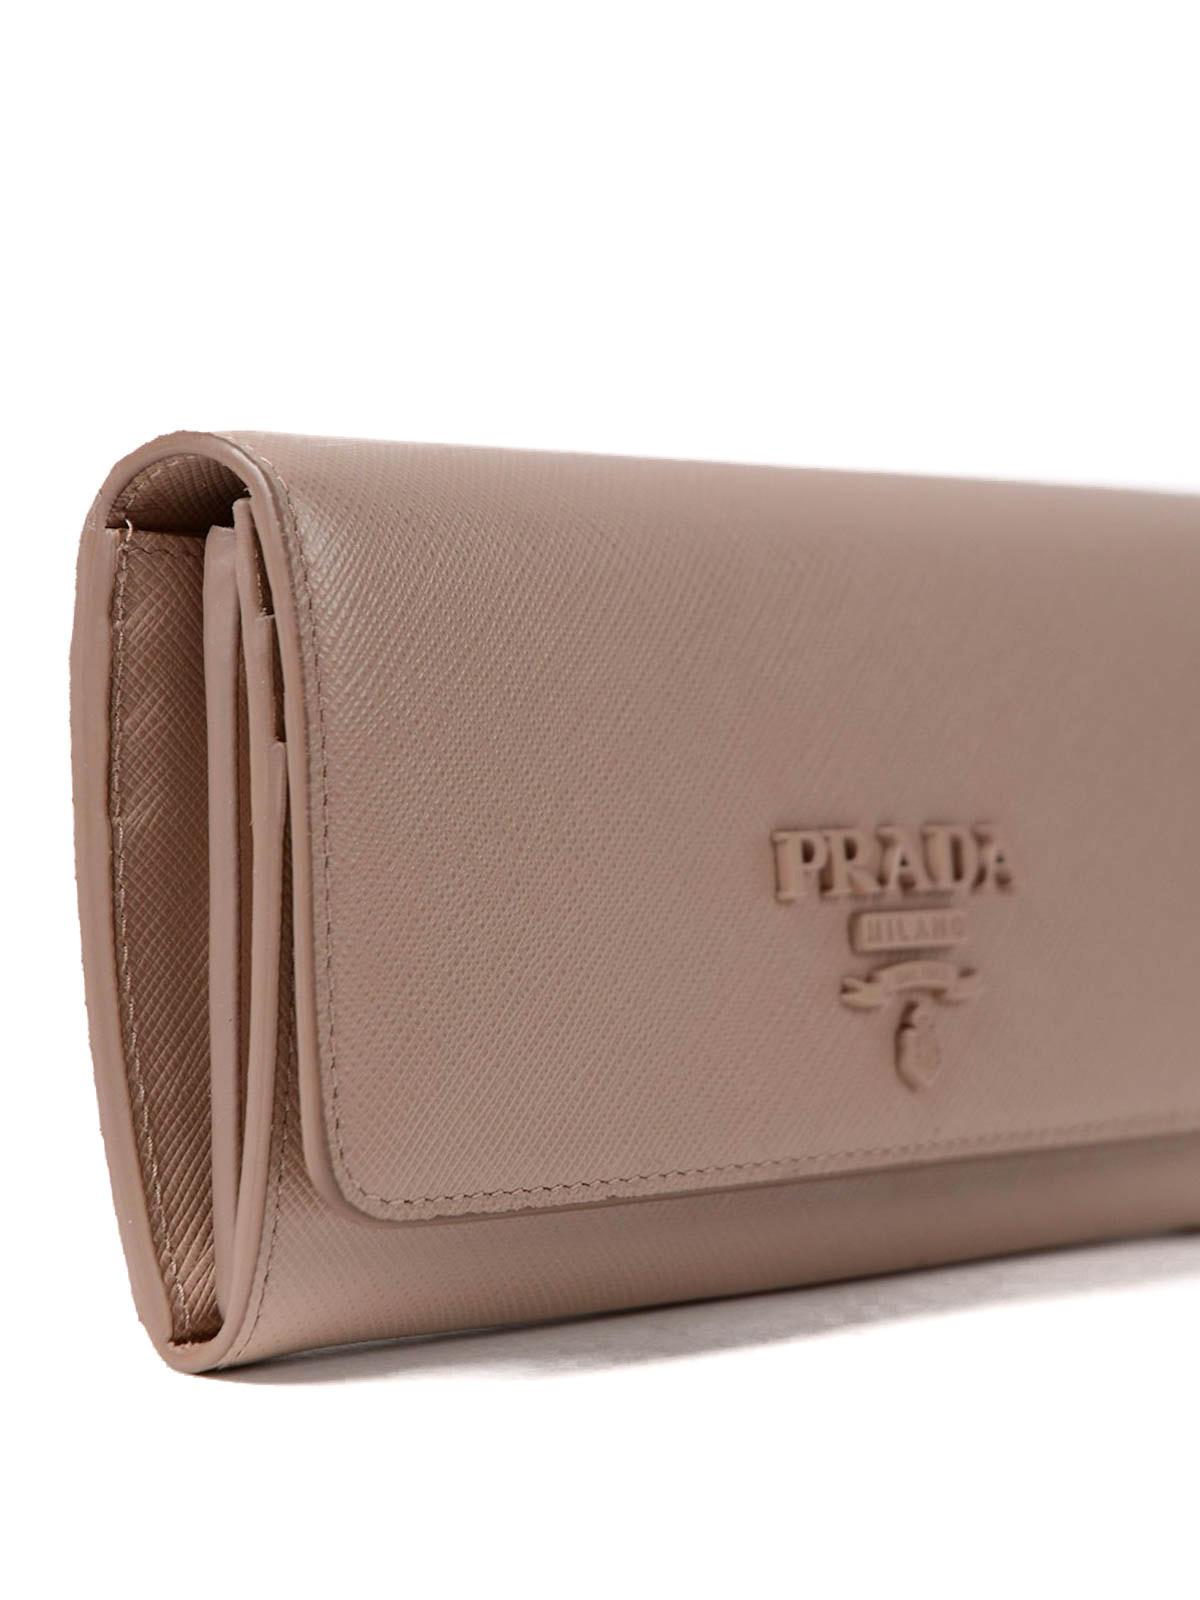 51e4f6047313 ... sale pink saffiano continental wallet shop online prada 89f7d 30683 ...